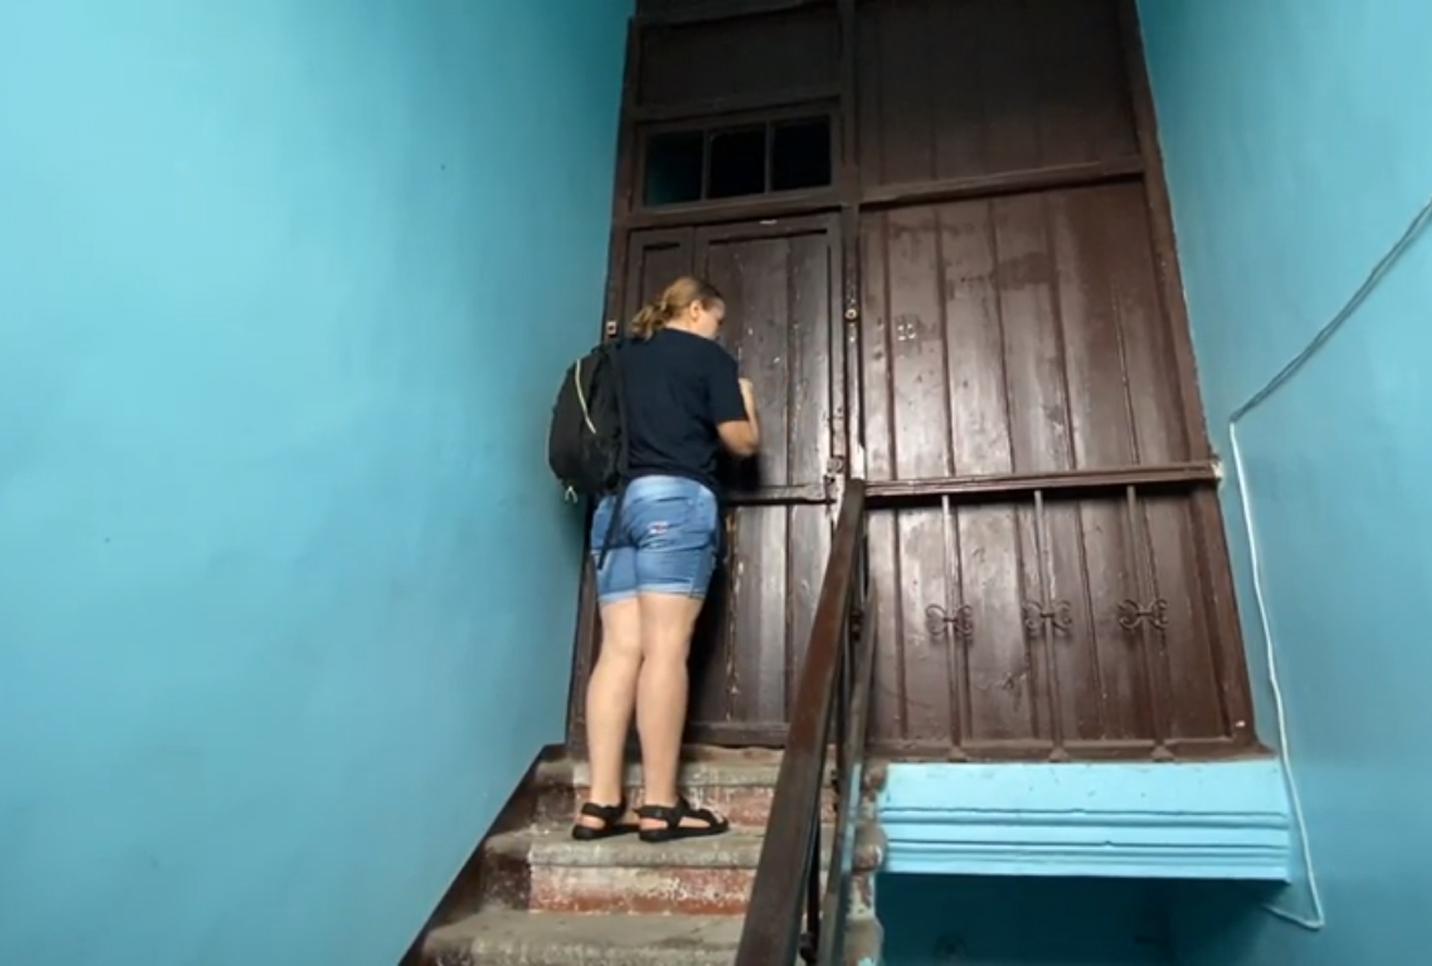 Харьковчанка превратила квартиру в приют для собак и кошек. Новости Харькова